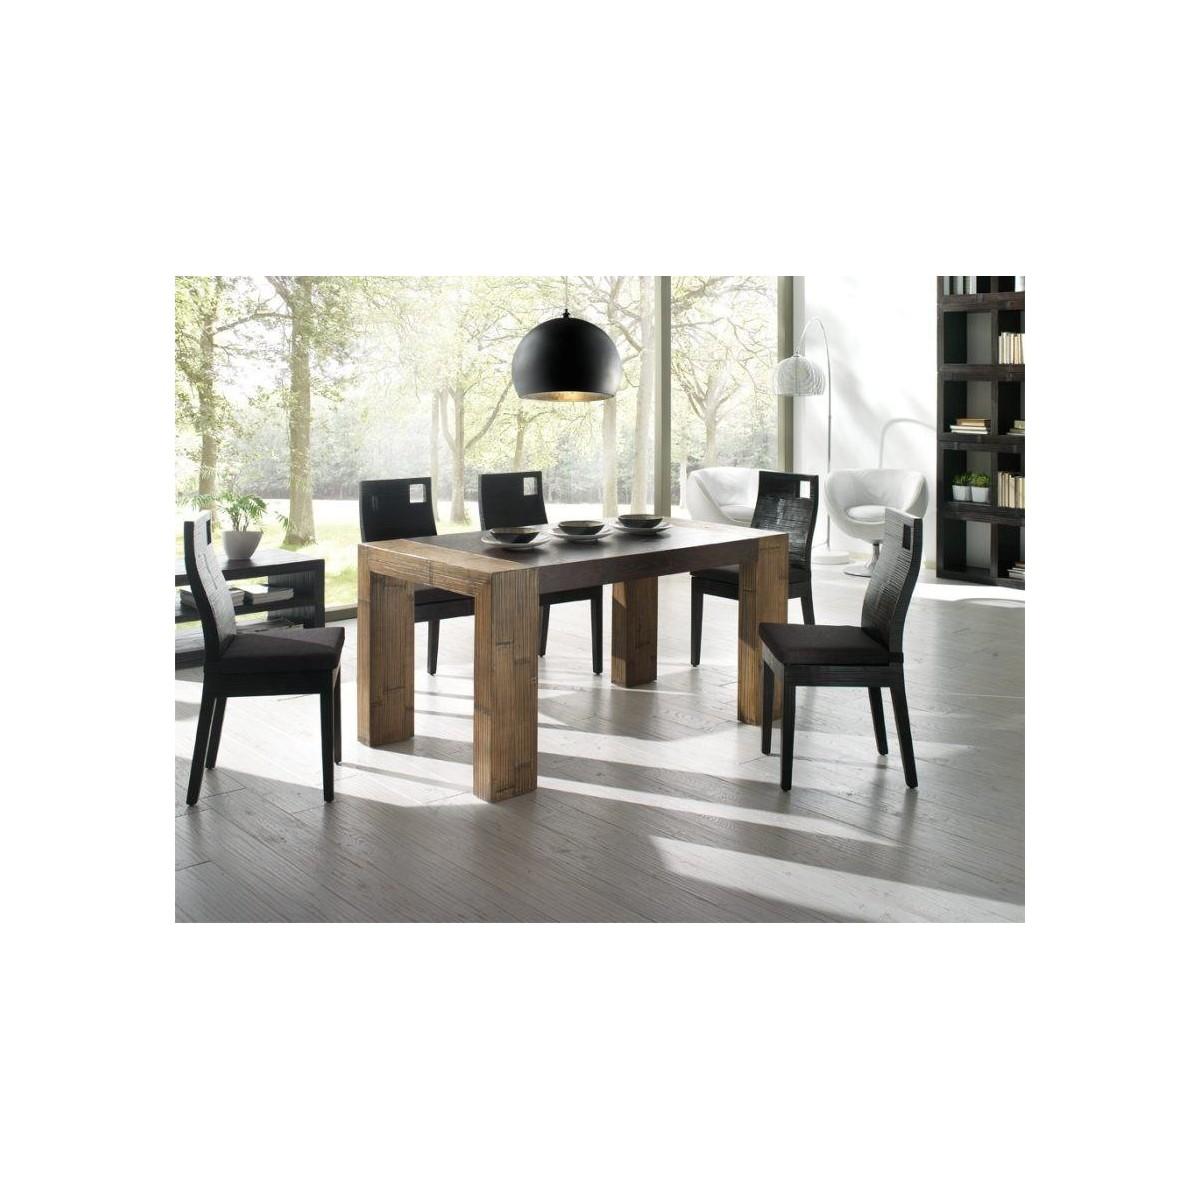 tavolo Stone miele antico con piano black, sedia Hotel